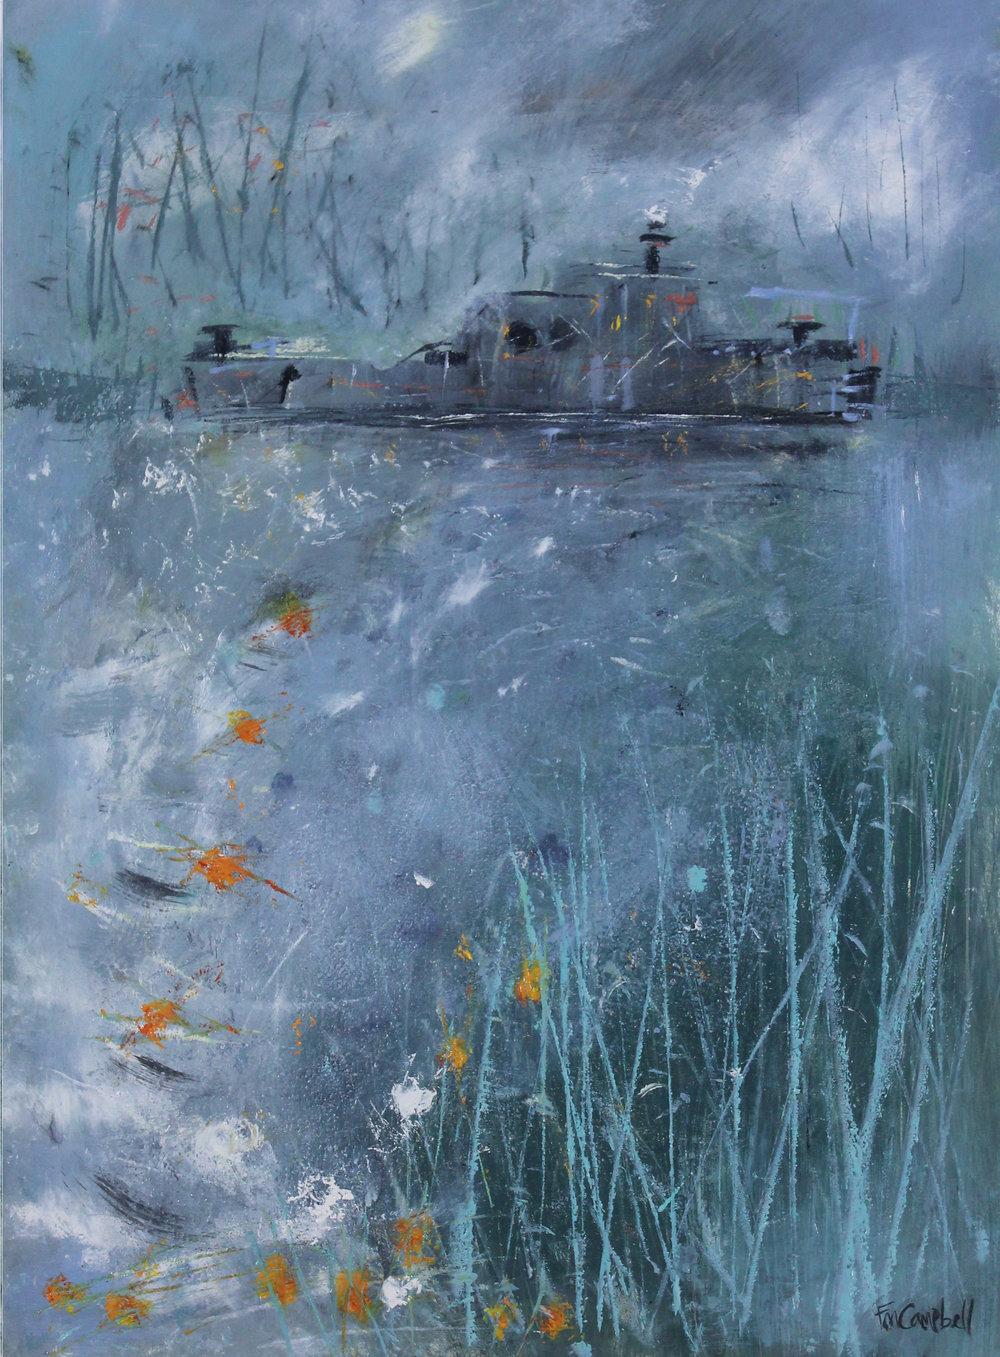 'Houseboat II' 56cm x 76cm